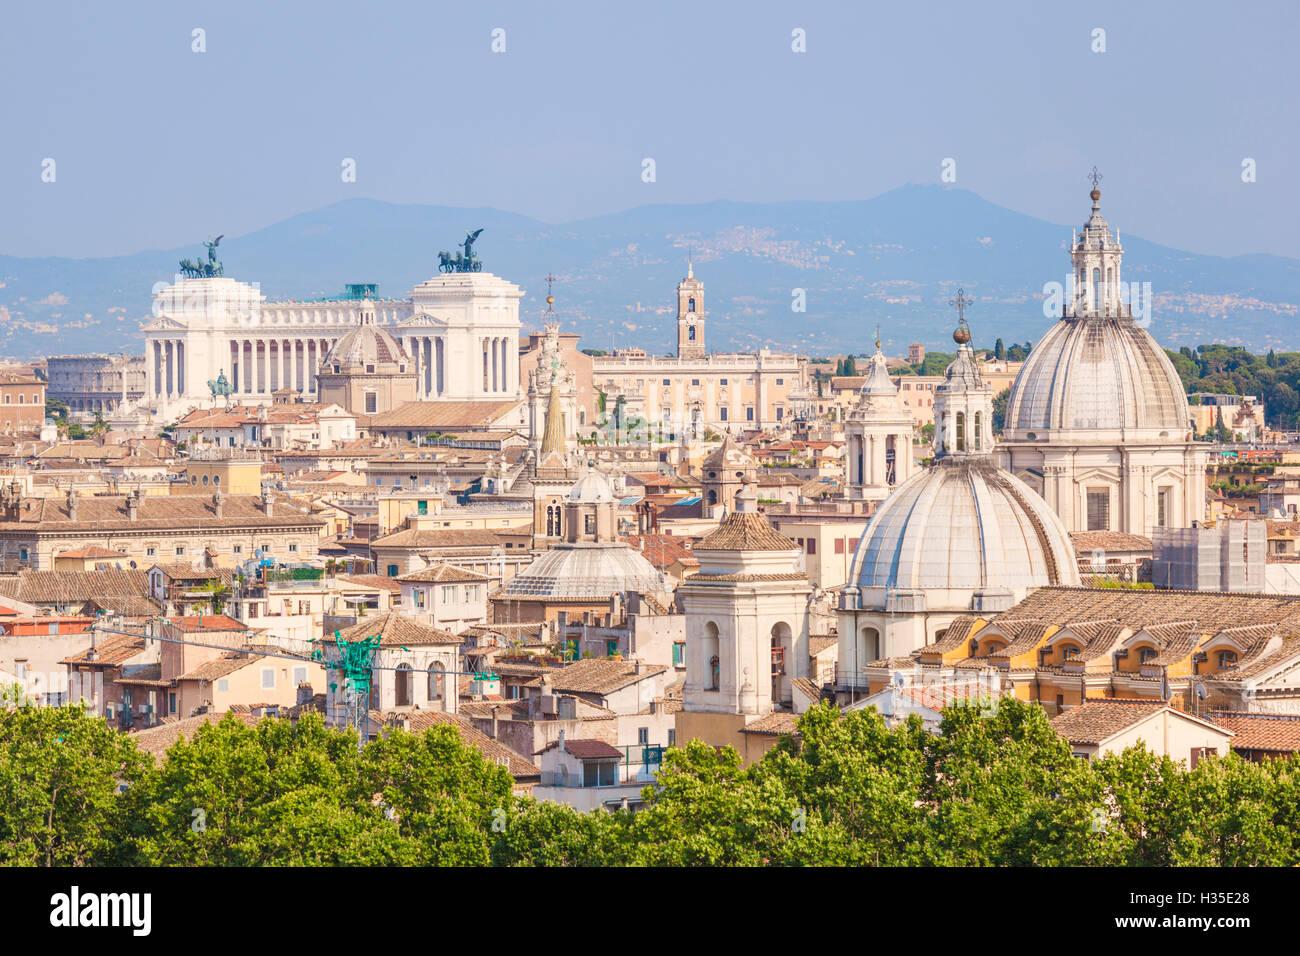 Chiese e cupole del panorama di Roma che mostra Vittorio Emanuele II monumento in distanza, Roma, lazio, Italy Immagini Stock